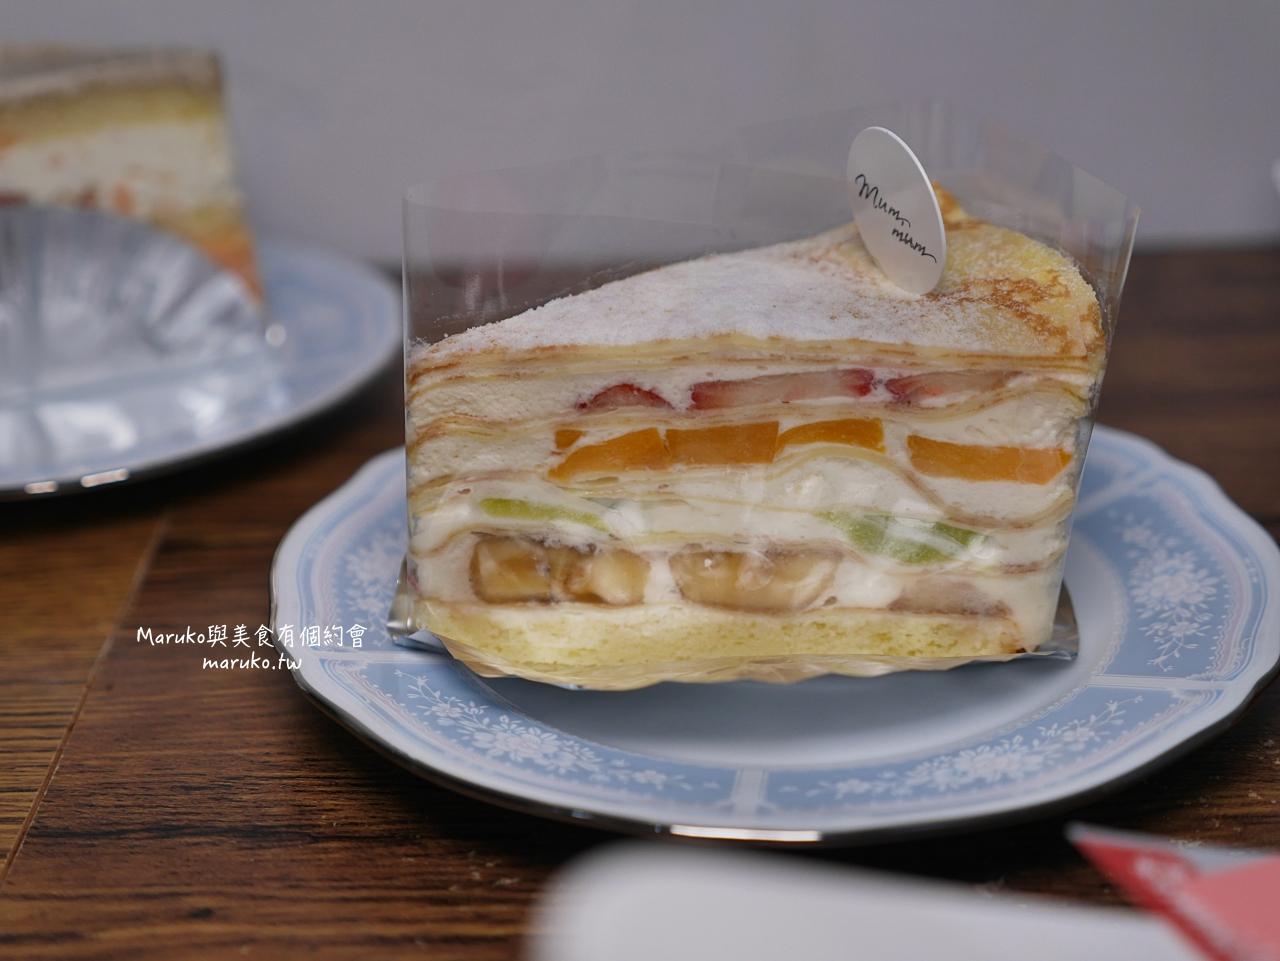 【台北】饅饅好食/隱藏在百貨公司華麗水果蛋糕/市政府站甜點推薦 @Maruko與美食有個約會